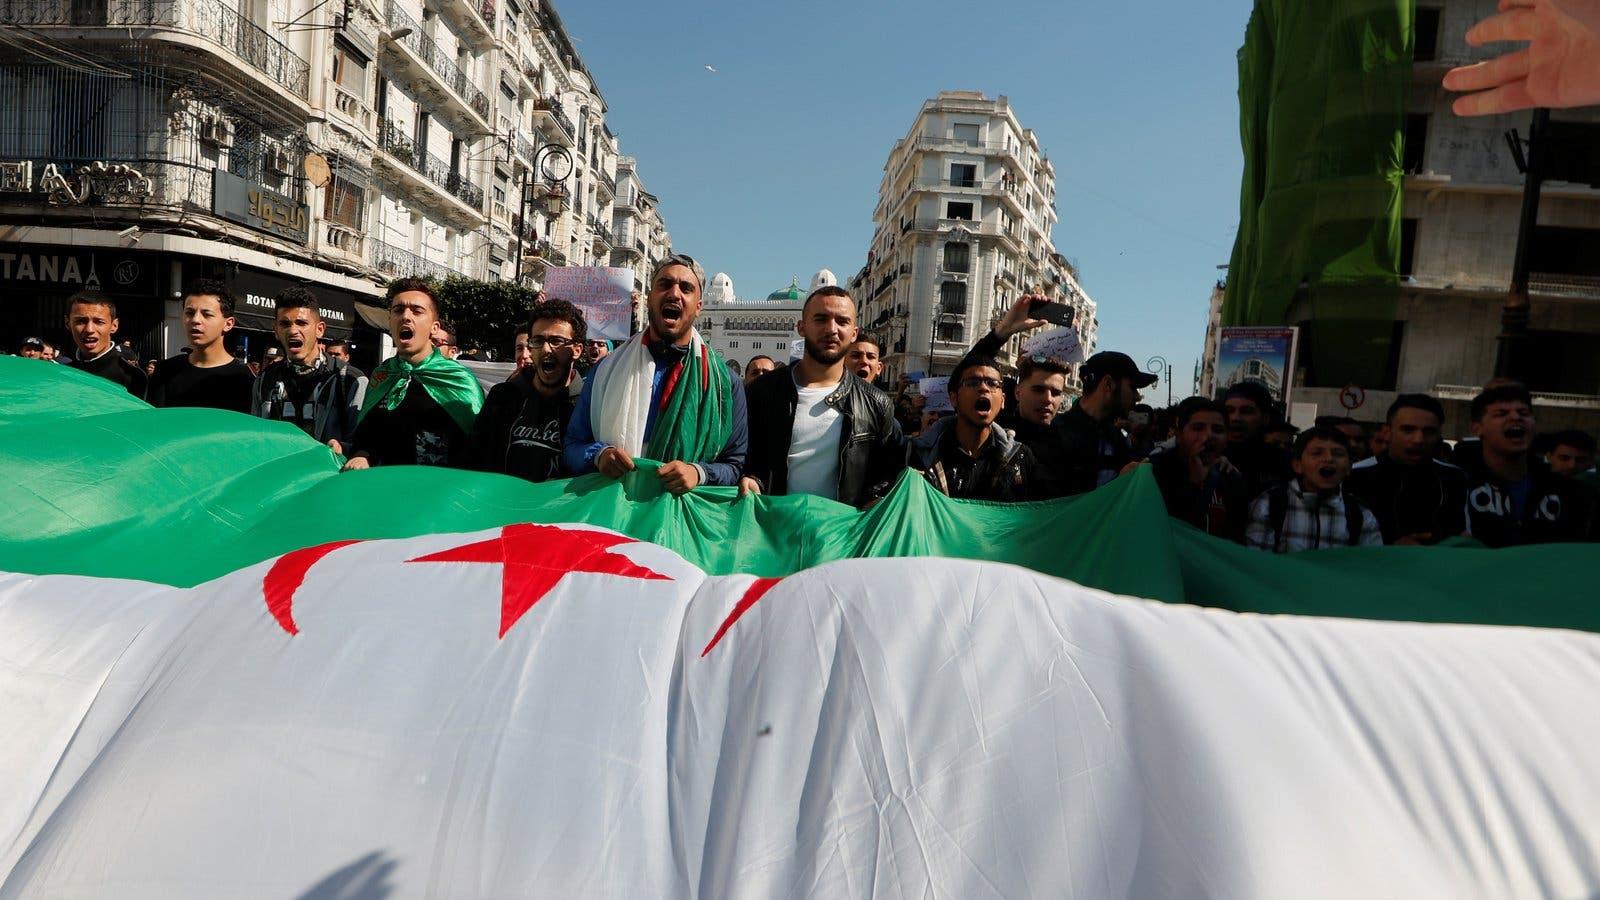 المنظمات غير الحكومية ذراع اميركا لزعزعة استقرار الجزائر